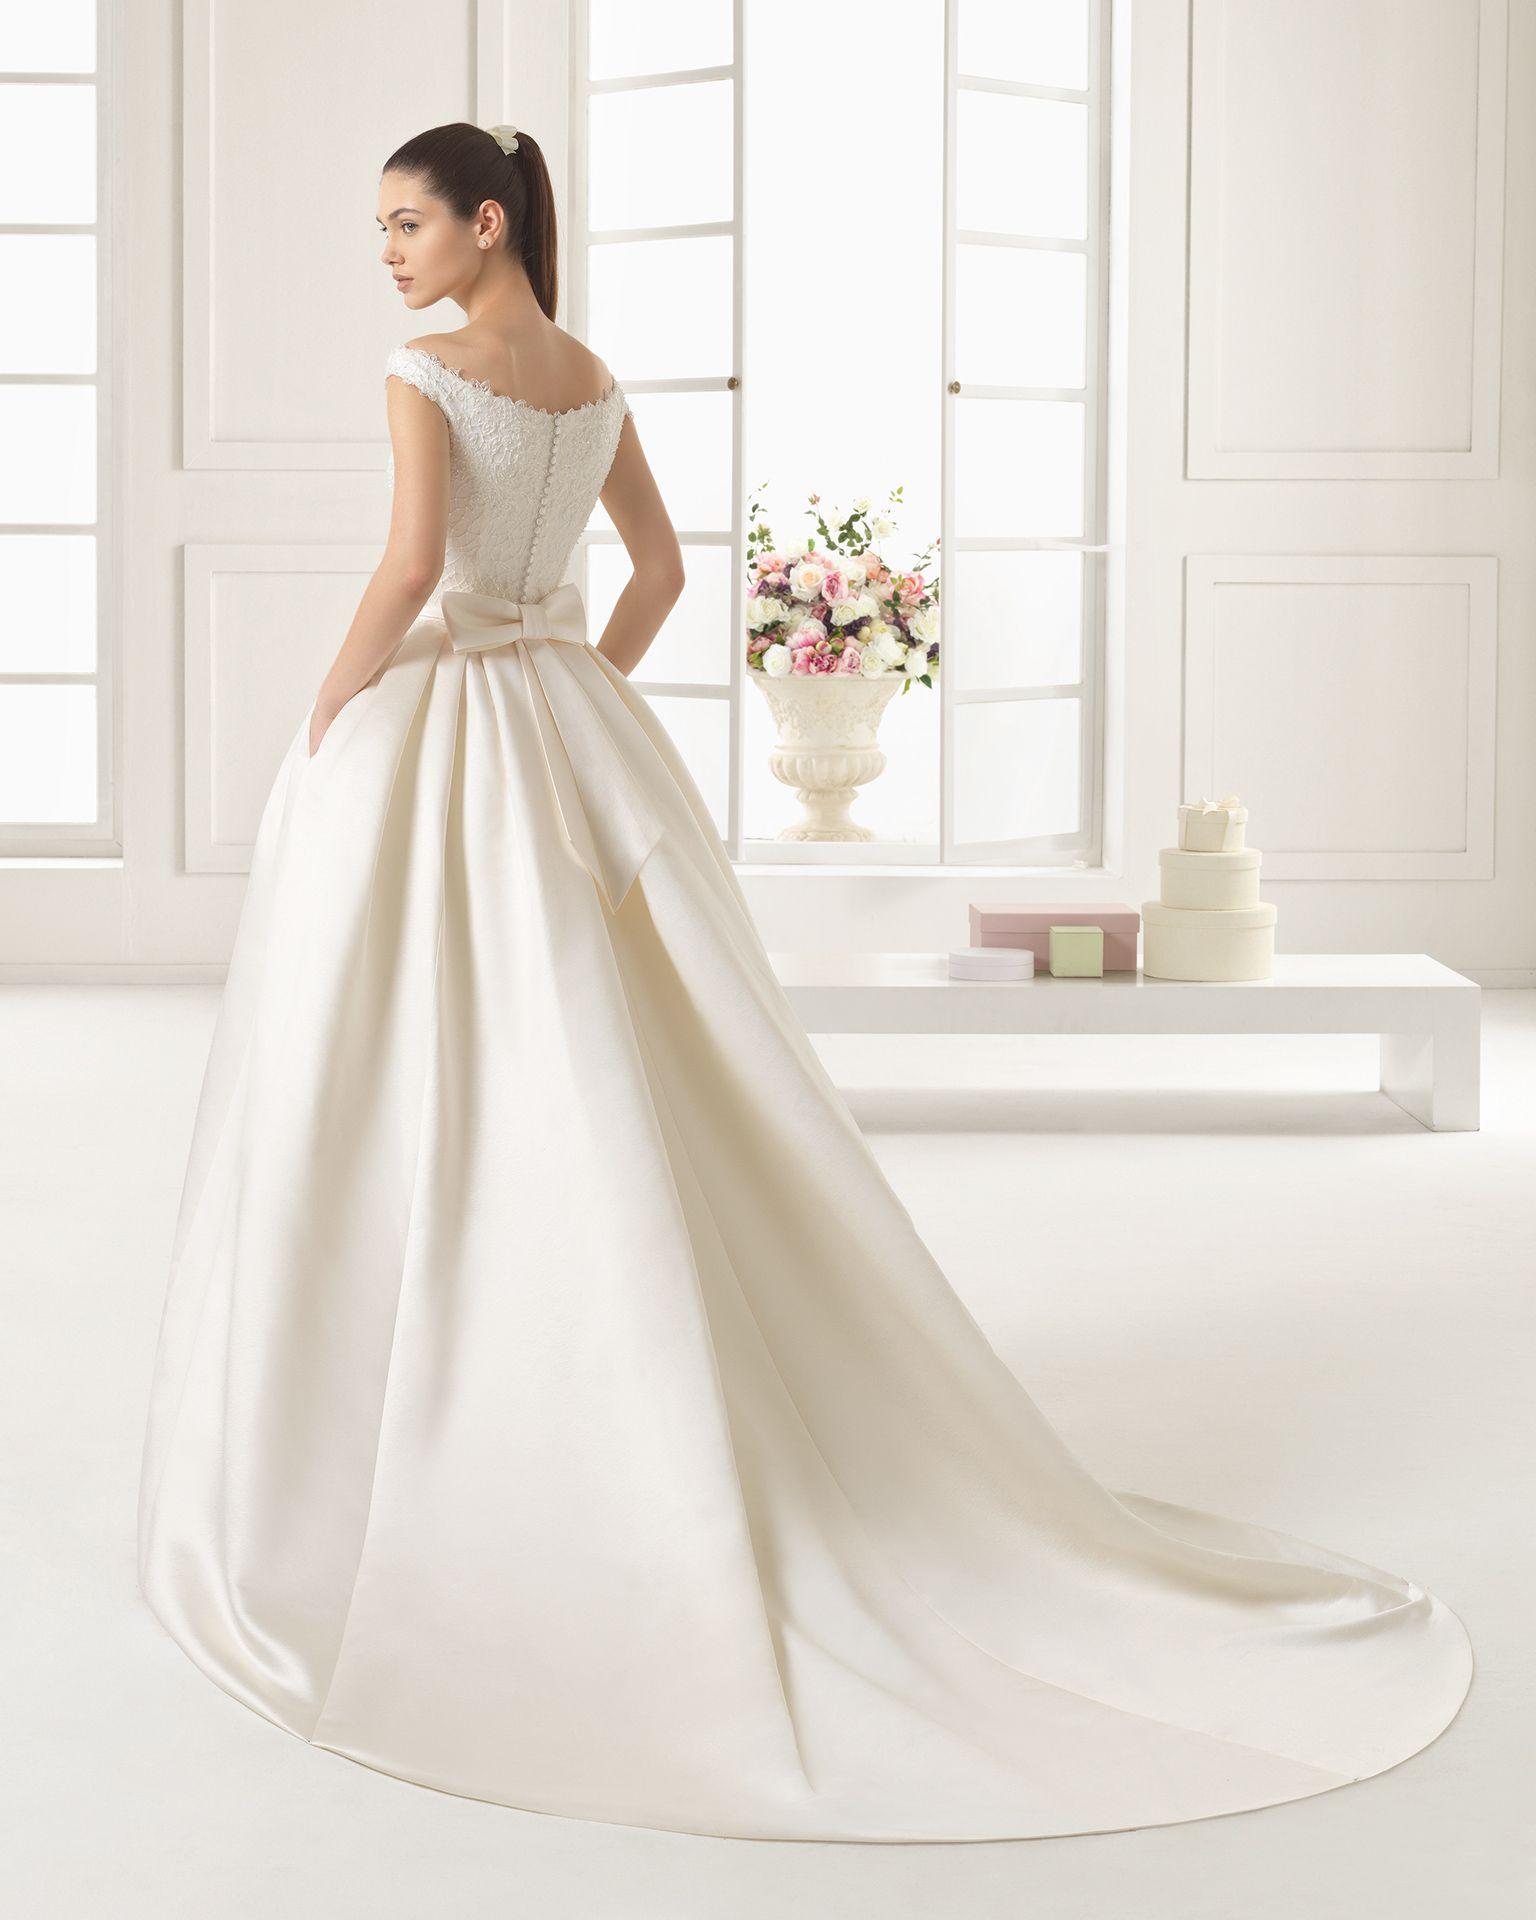 Vestidos de novia y vestidos de fiesta | Vestidos de novia de raso ...